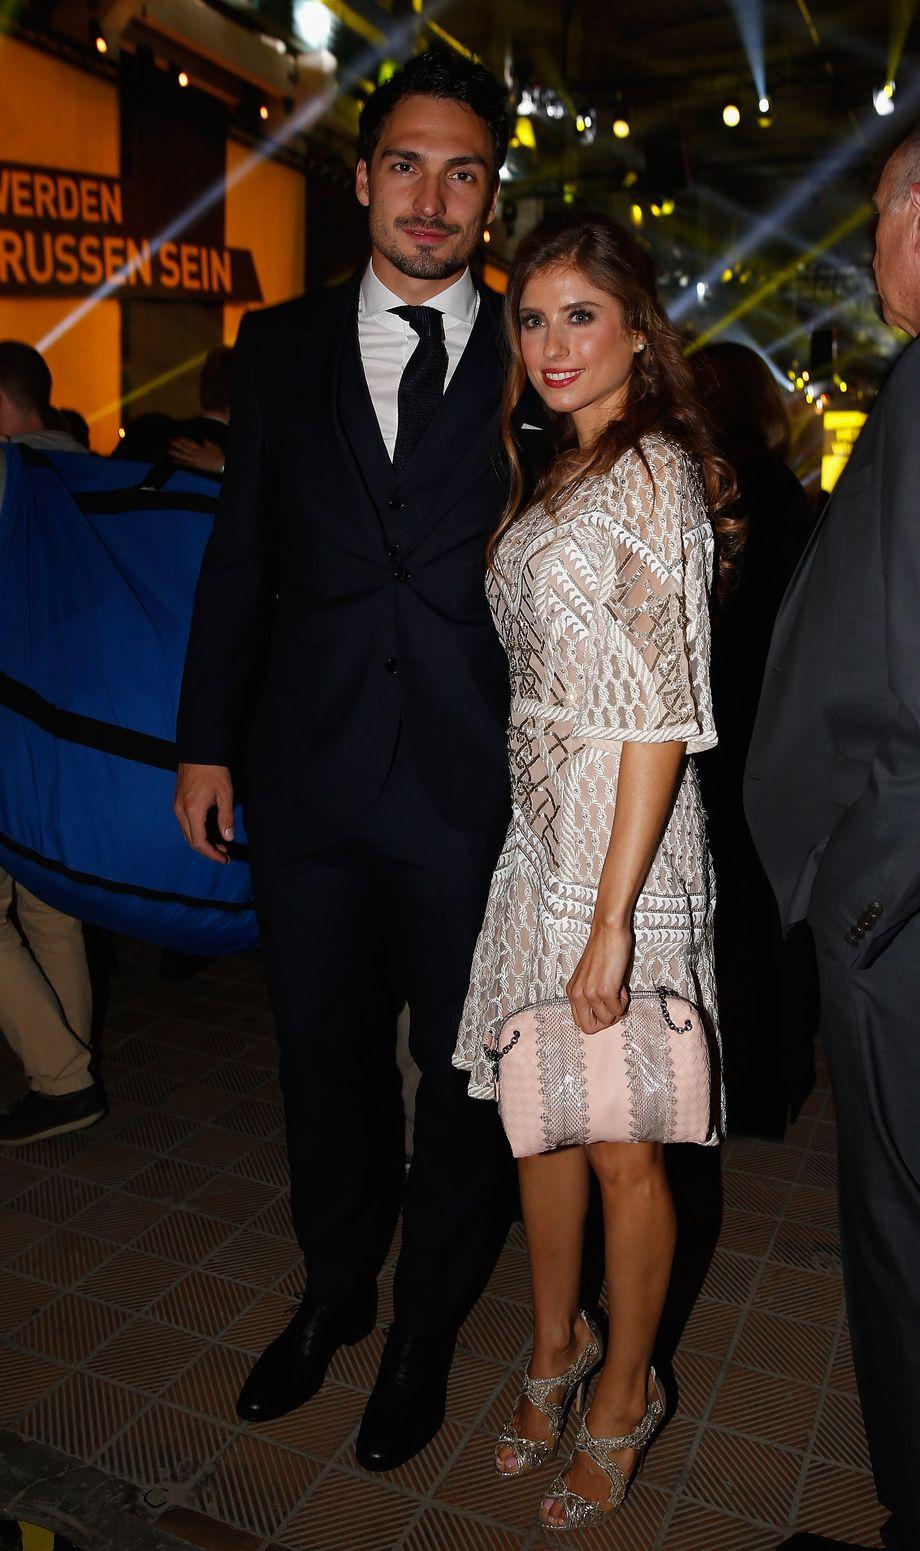 Mats Hummels Und Cathy Fischer Hochzeit In Munchen Der Spiegel